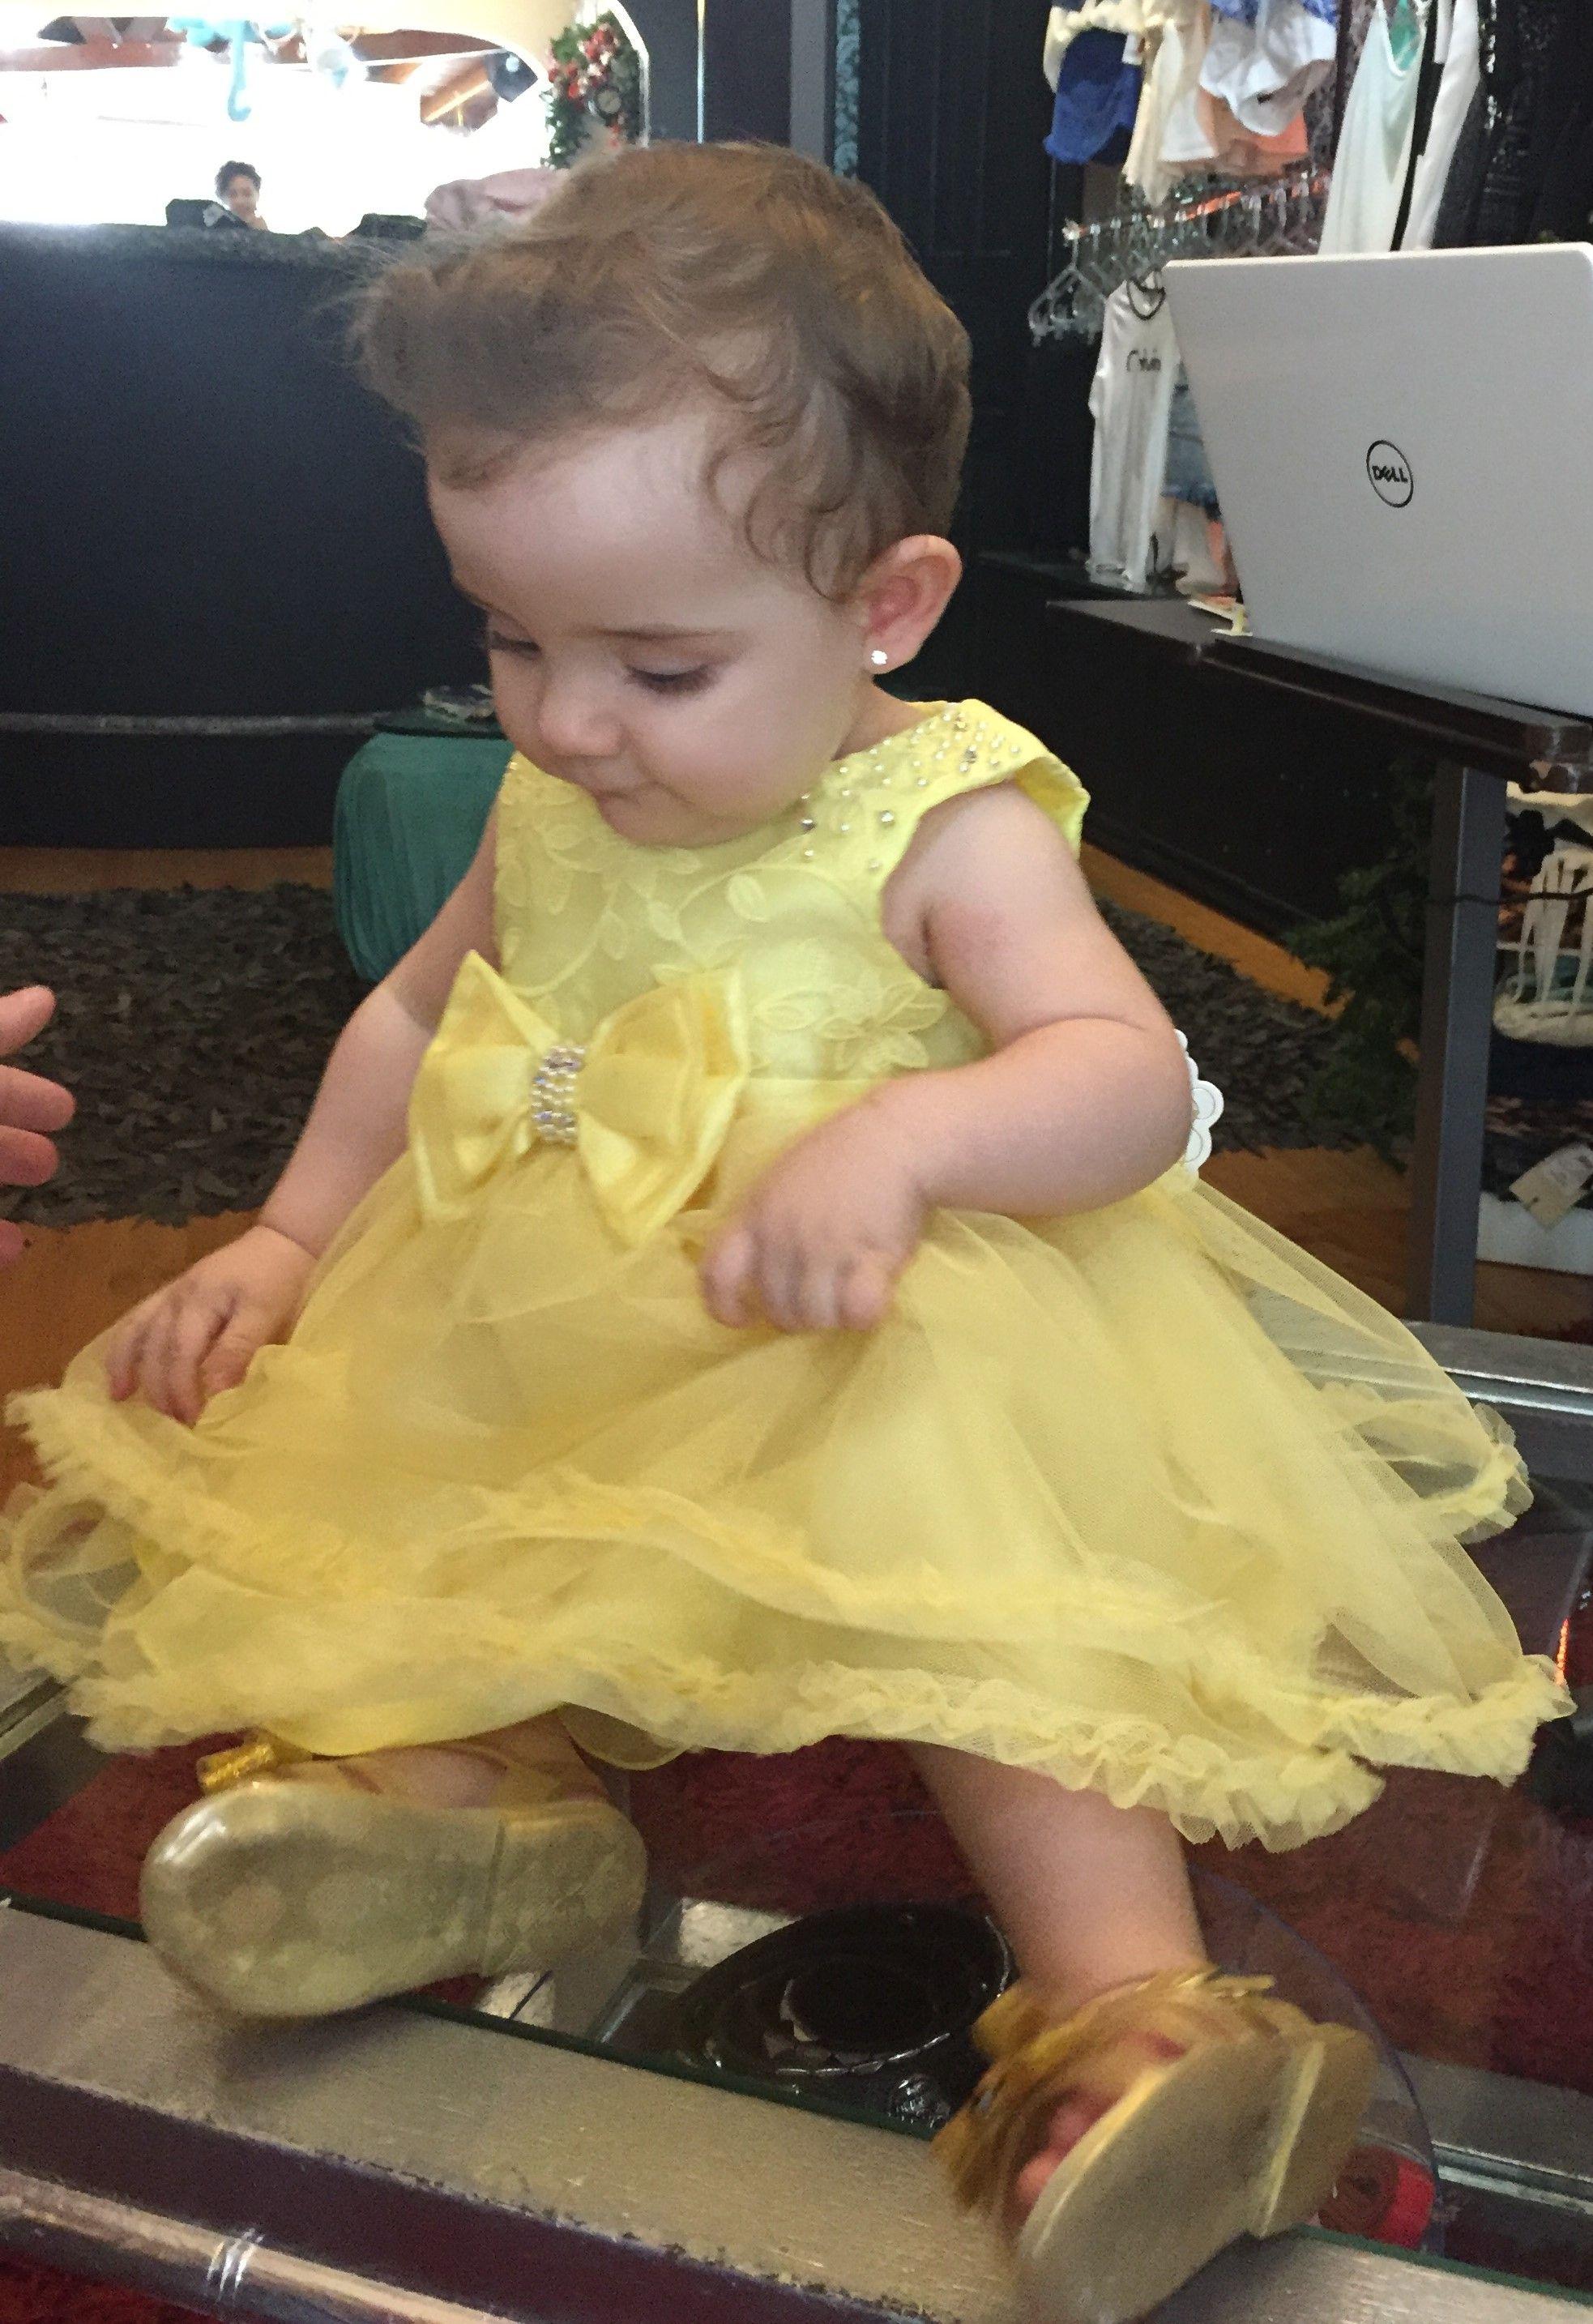 ae84a1cac Vestido Bebe Petit Cherie em Tule Amarelo. Blusa coberta em organza bordada  no próprio tom